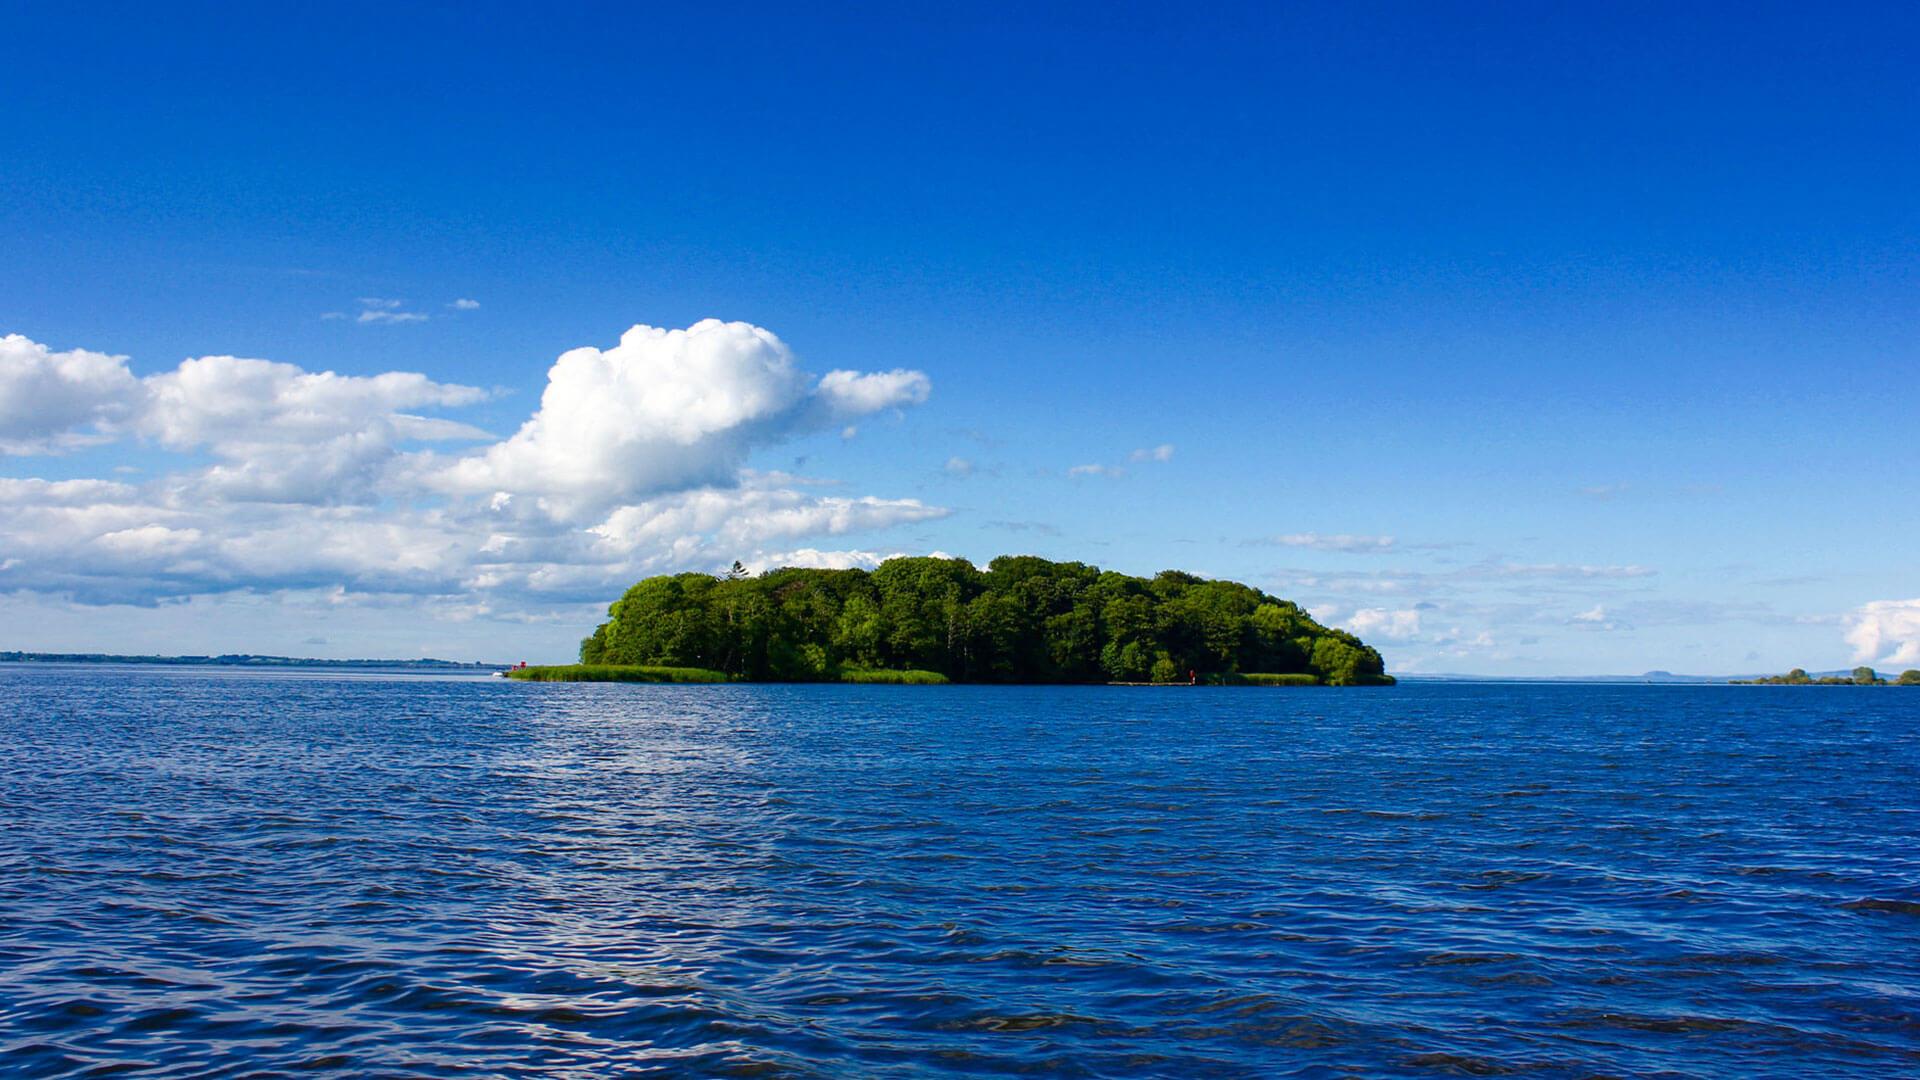 Coney Island on Lough Neagh